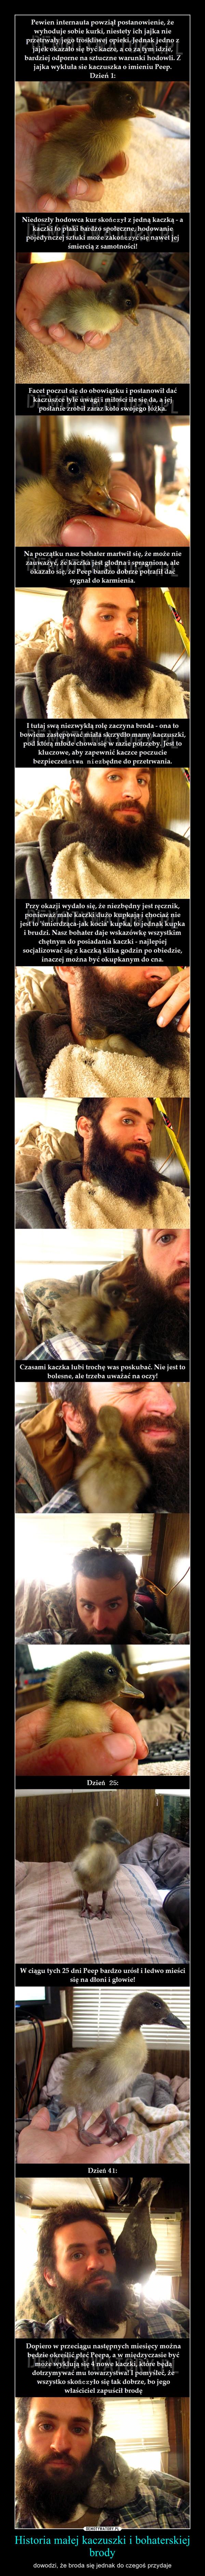 Historia małej kaczuszki i bohaterskiej brody – dowodzi, że broda się jednak do czegoś przydaje